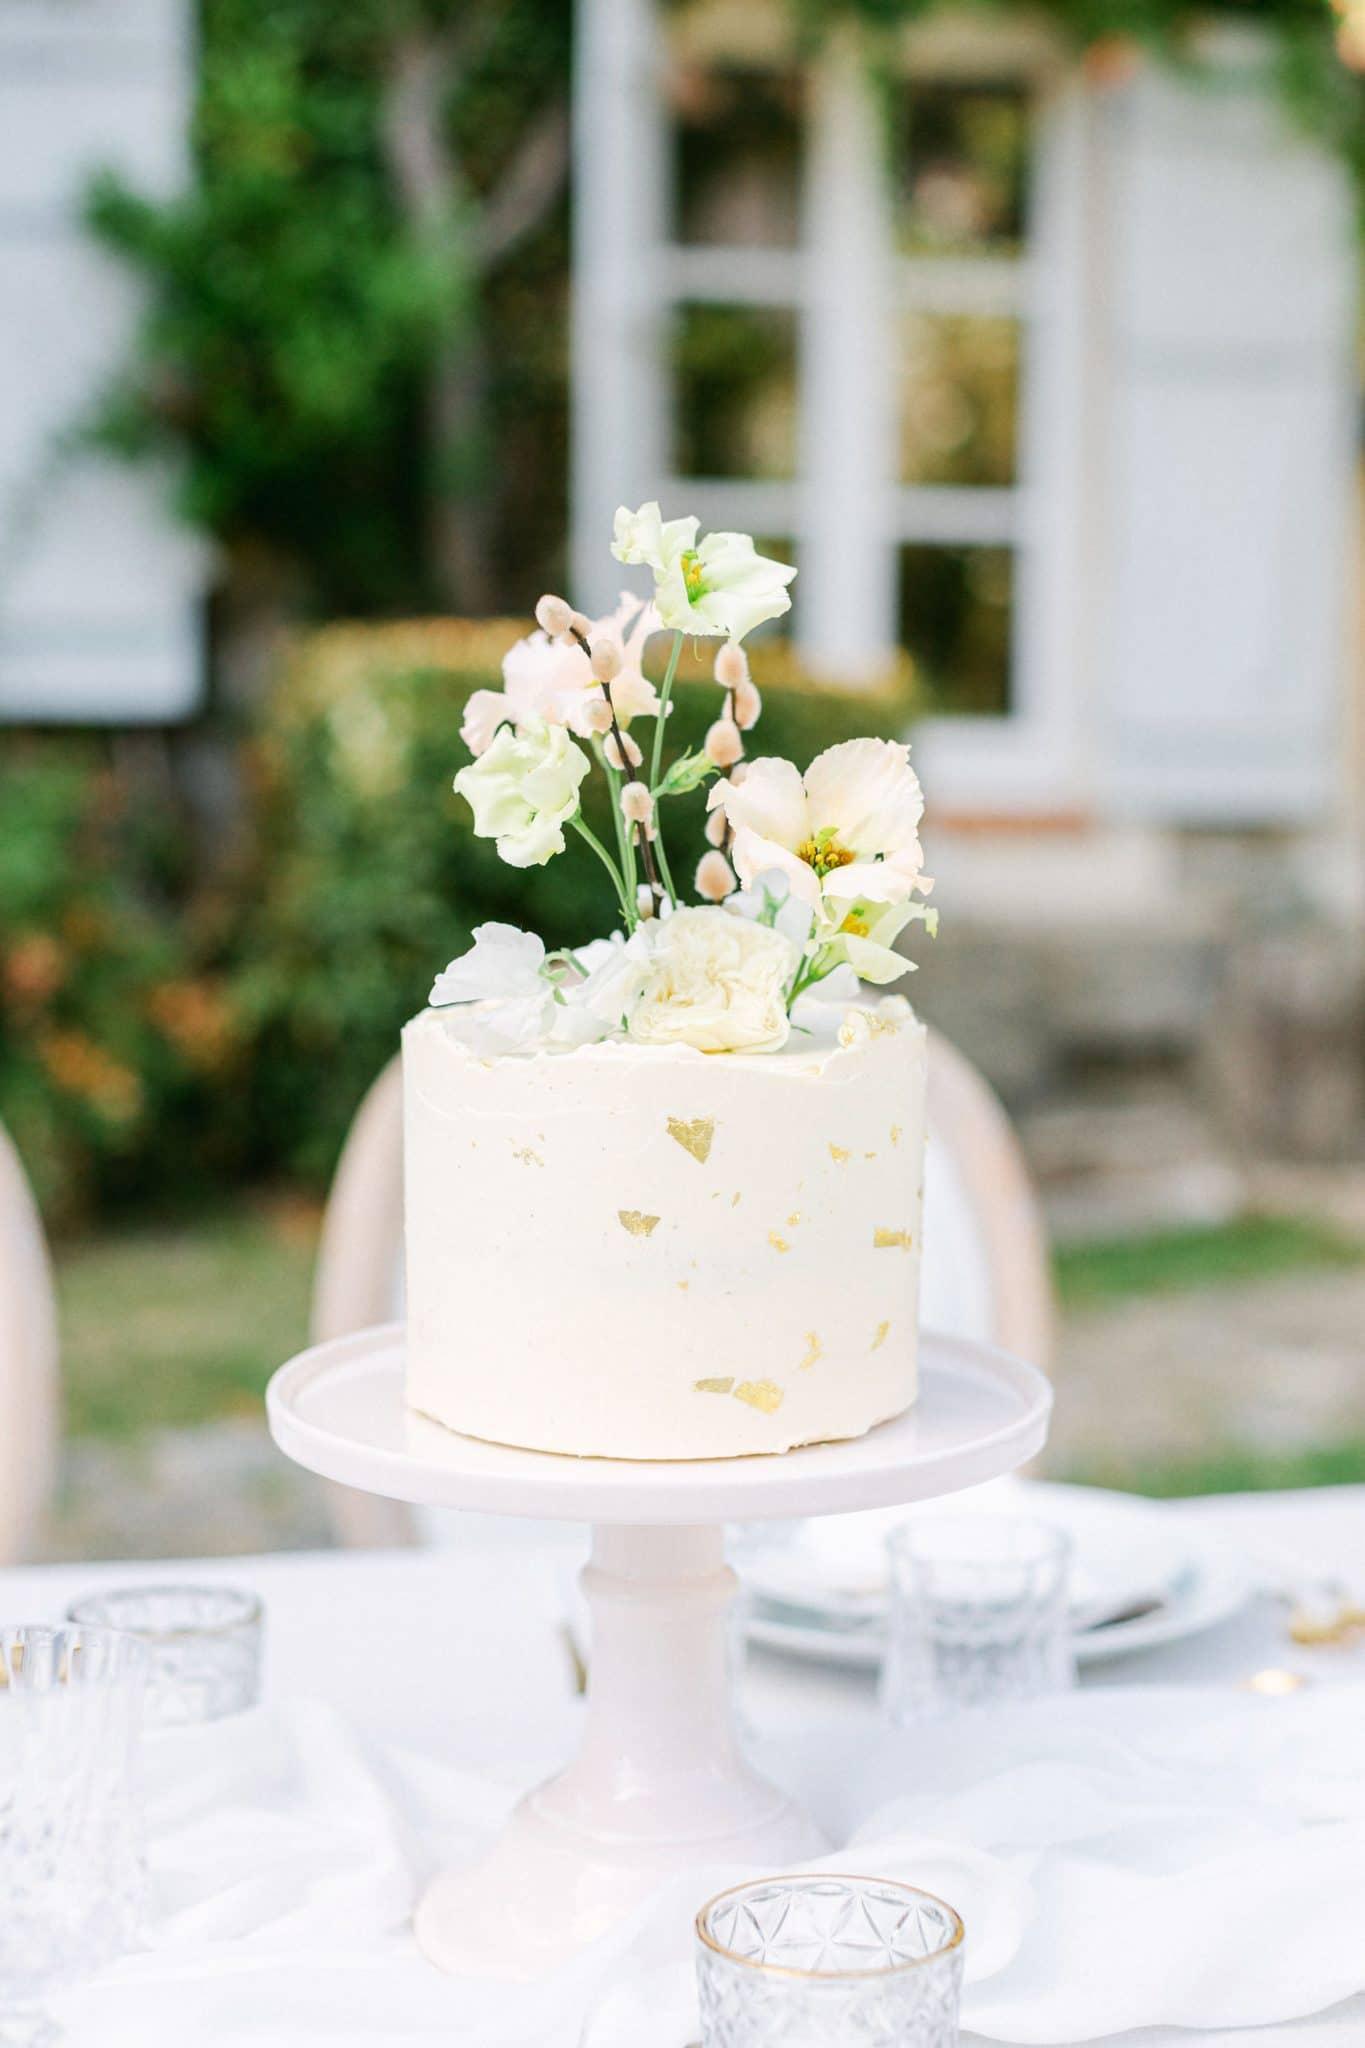 gâteau de célébration blanc avec des touches de feuille d'or et des fleurs fraîches en hauteur pour la décoration